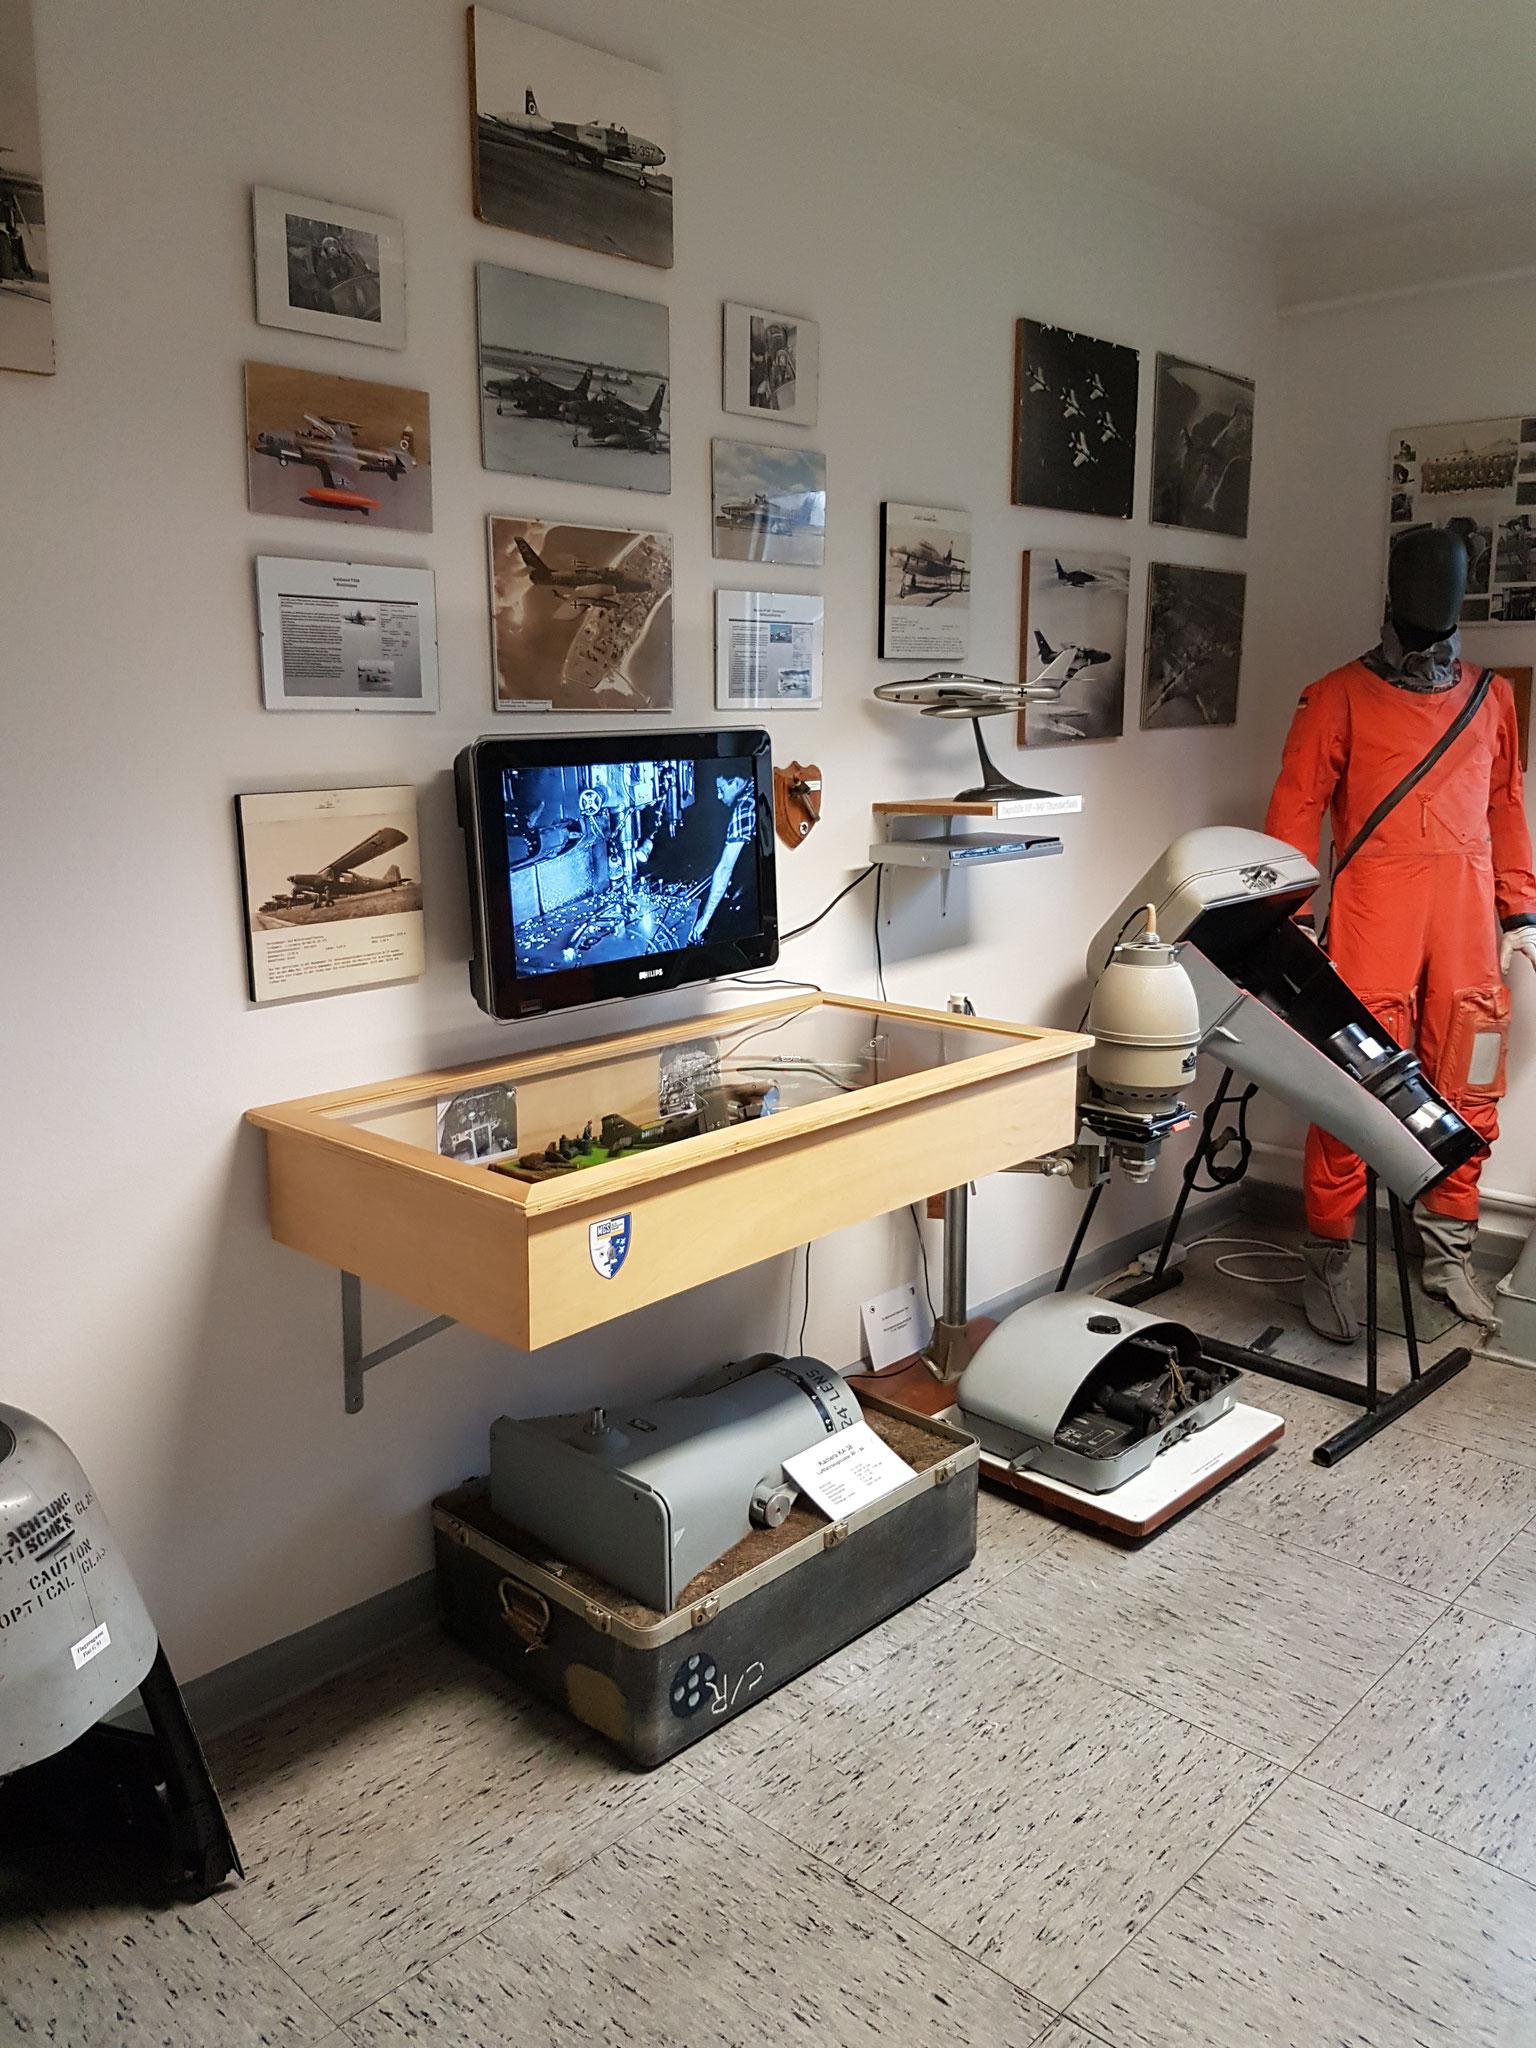 Ausstellungsabschnitt 6 - Die Geschichte der Taktischen Luftaufklärung bis 1993